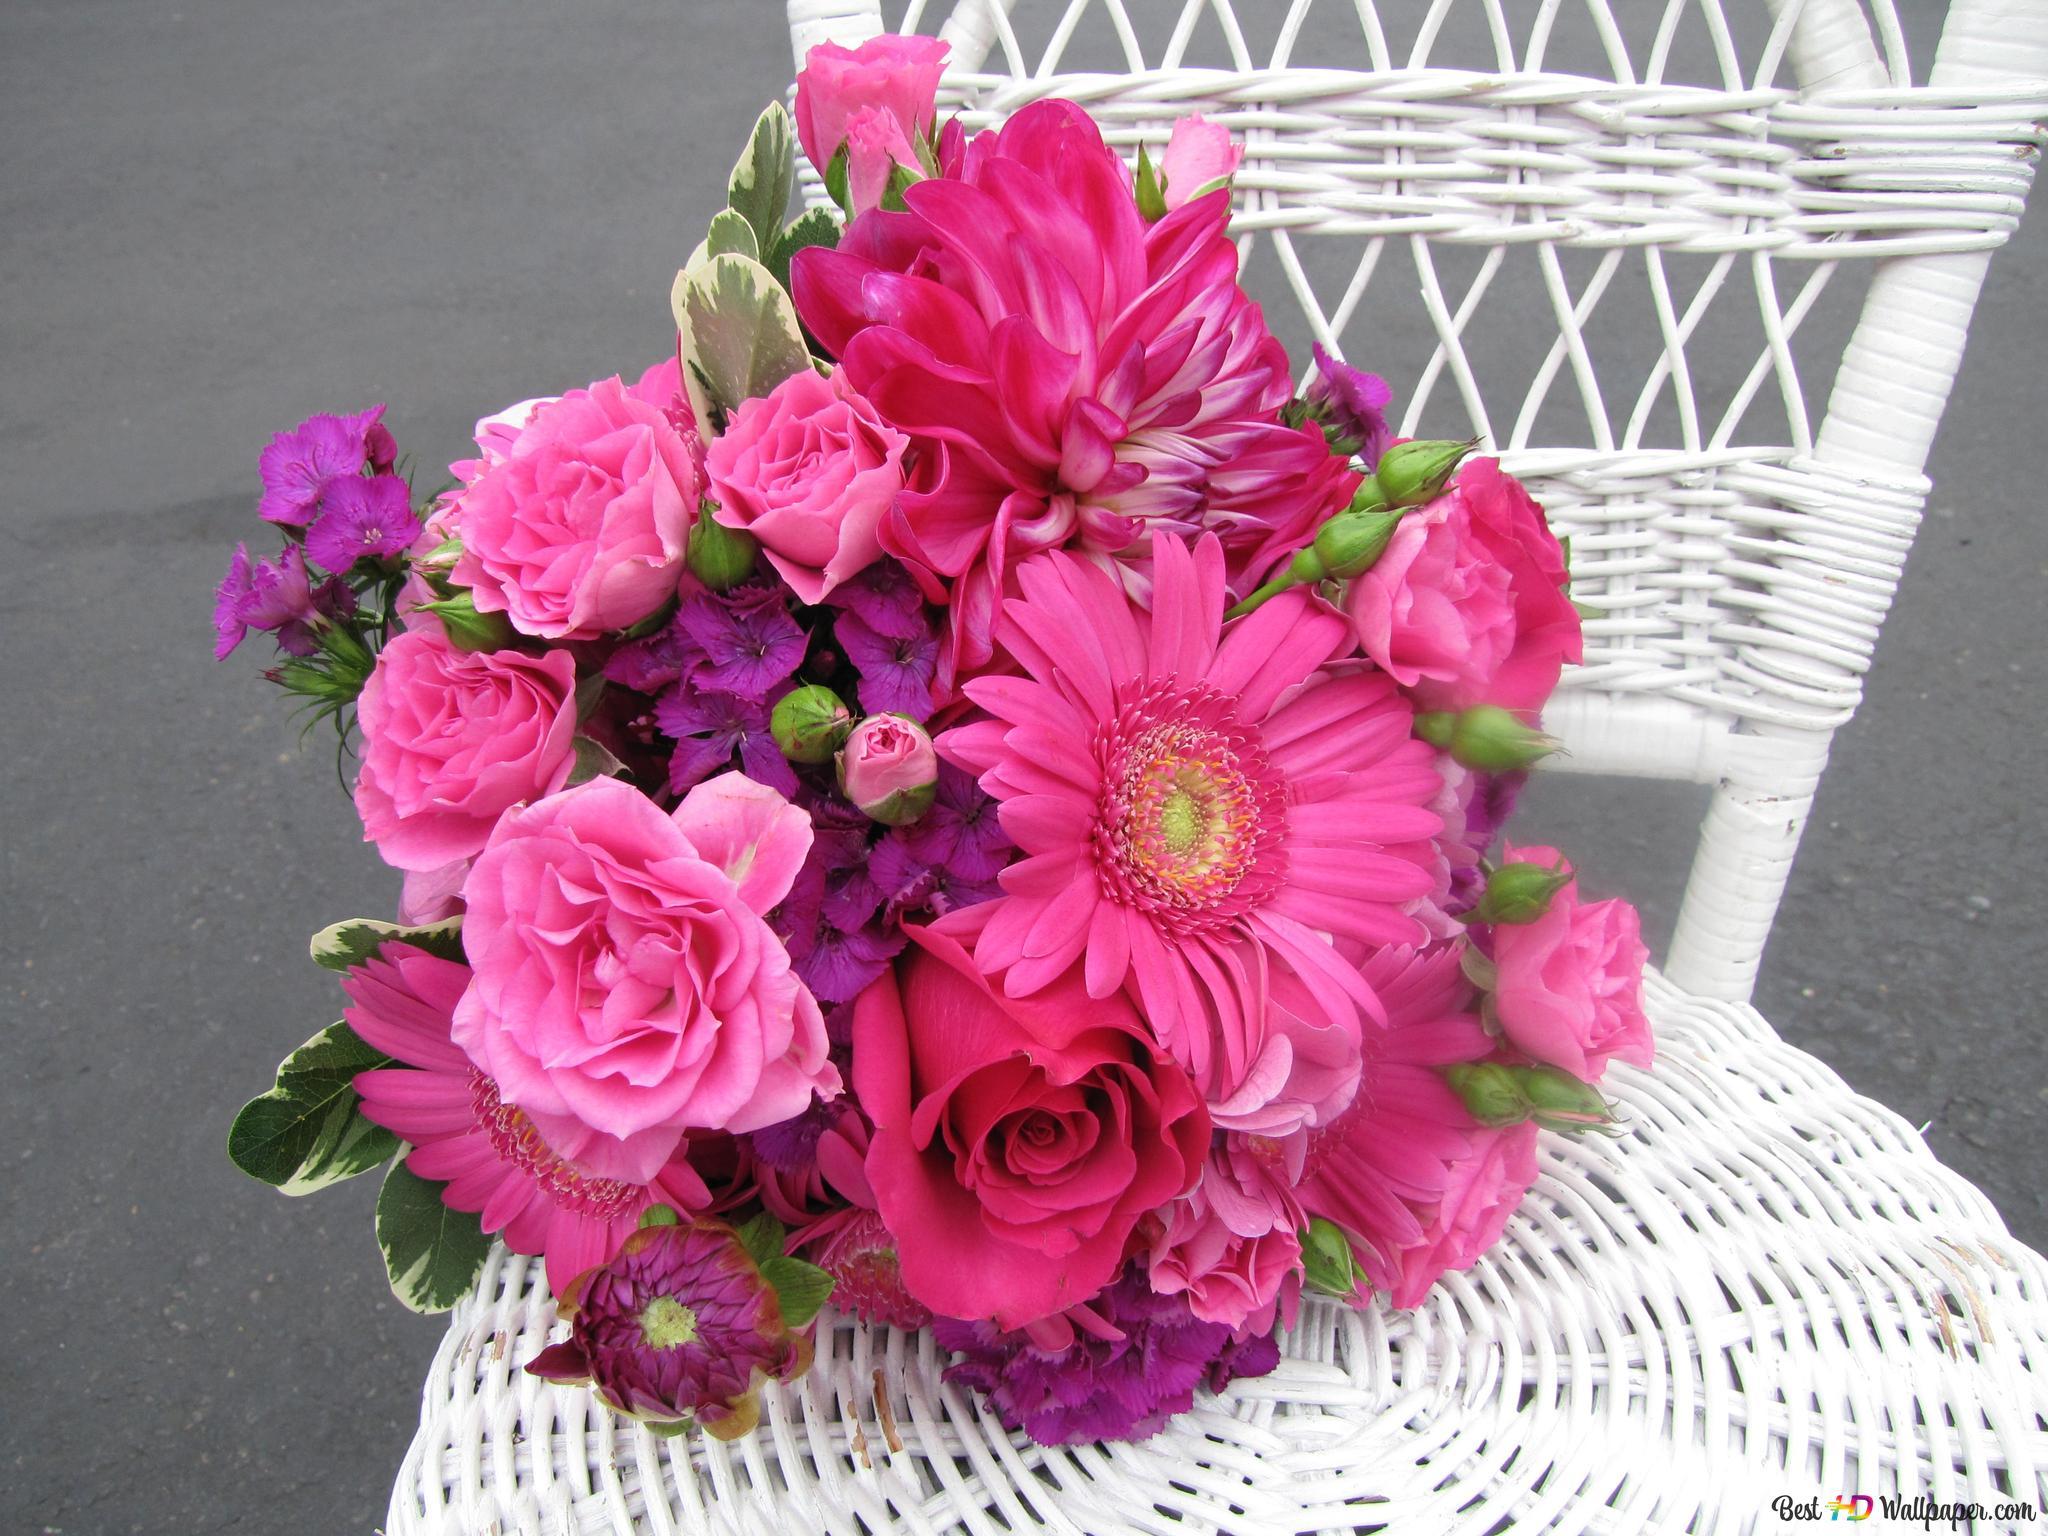 Hd Télécharger Roses Bouquet D'écran Valentin Fond Saint Fleurs fym6vIb7gY